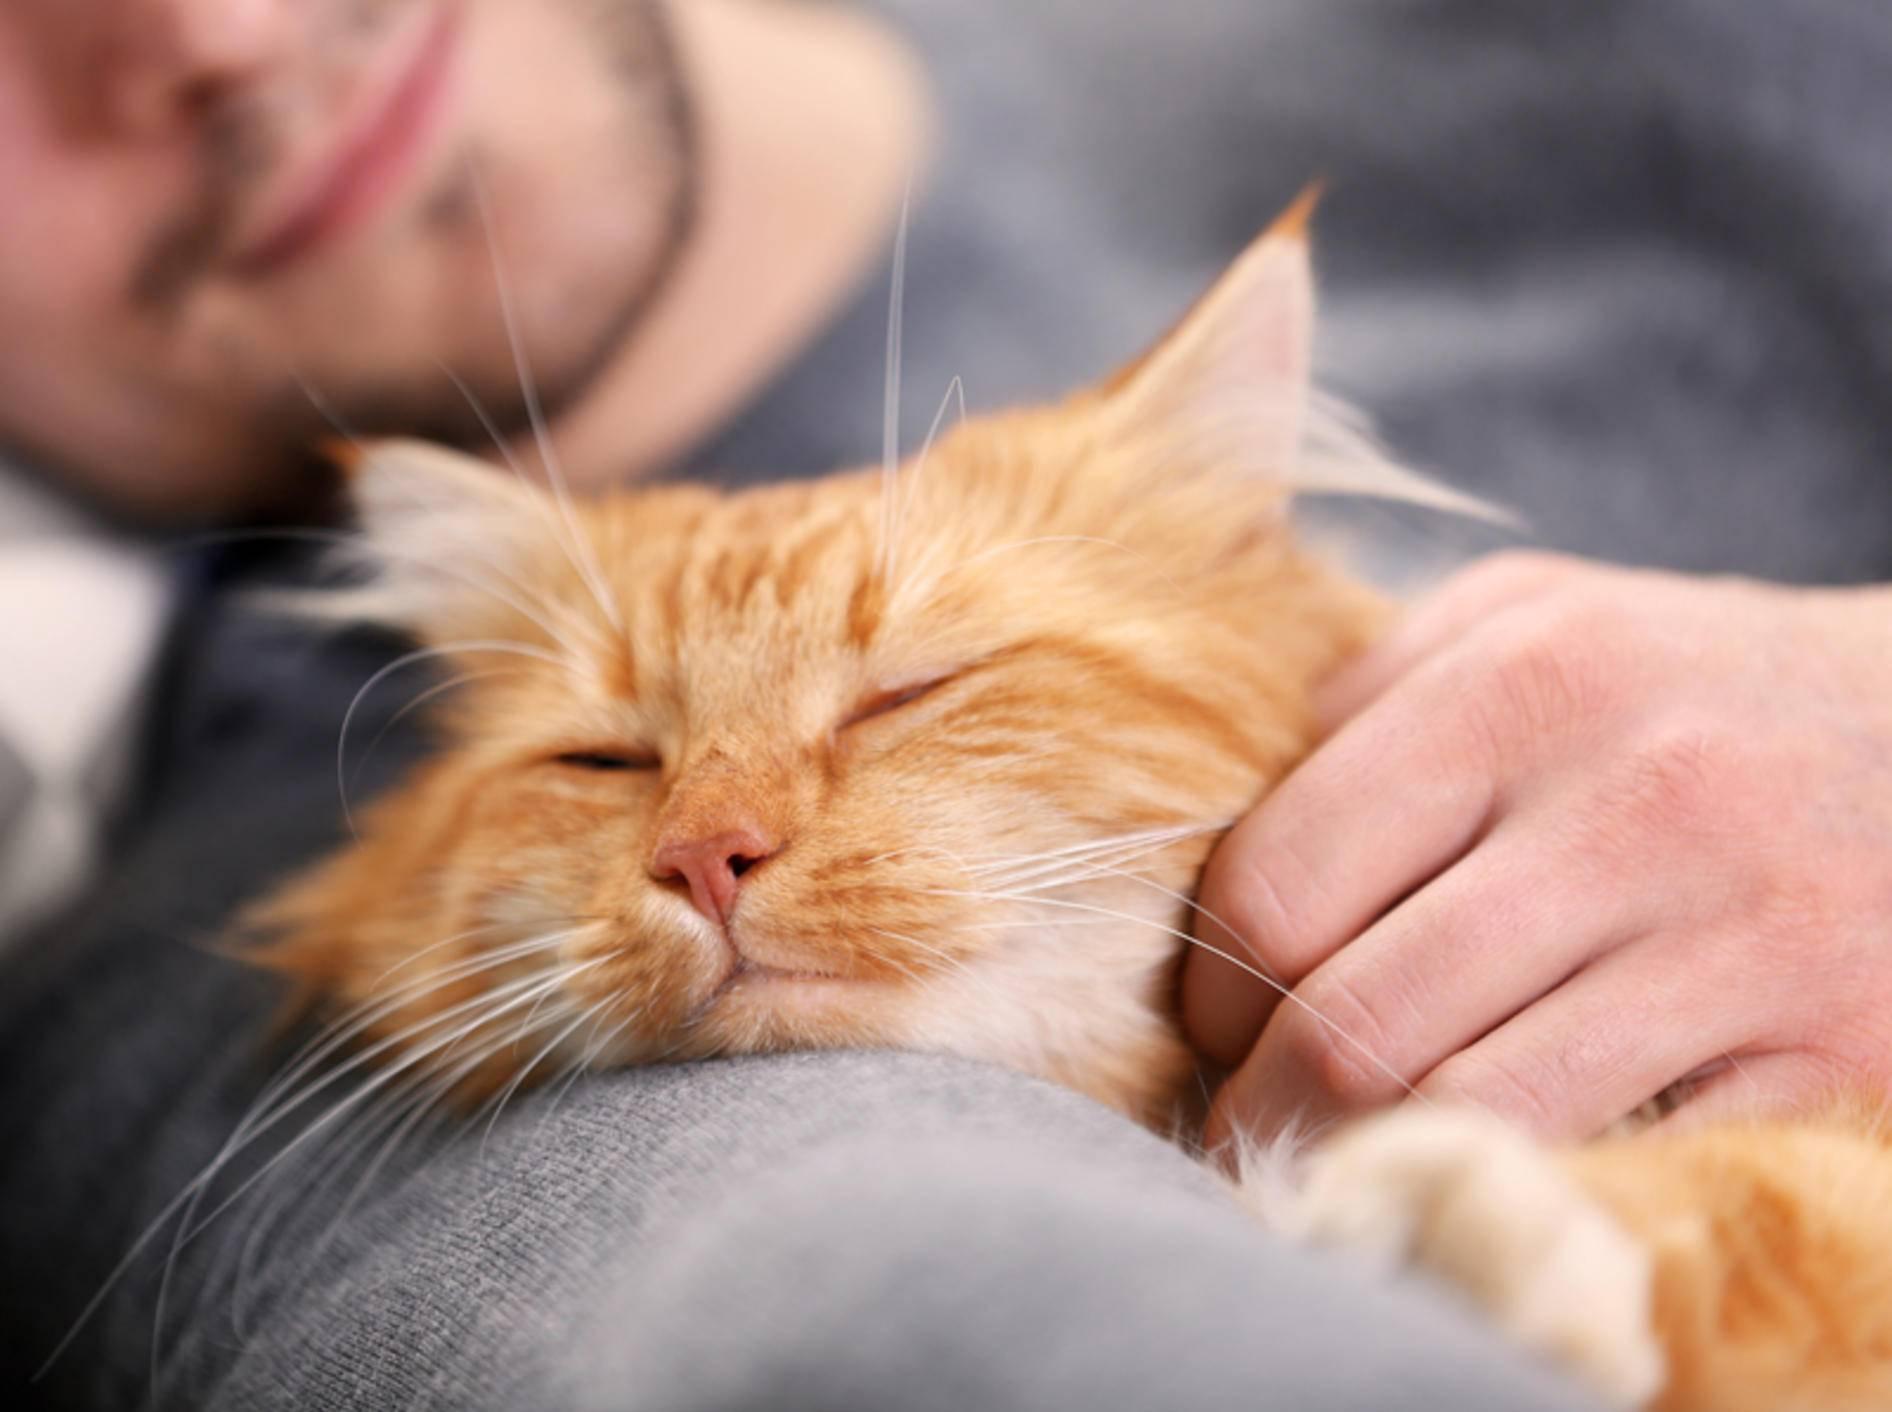 Mit viel Liebe und guter Pflege können FIV-positive Katzen ein ganz normales, schönes Leben führen – Shutterstock / Africa Studio